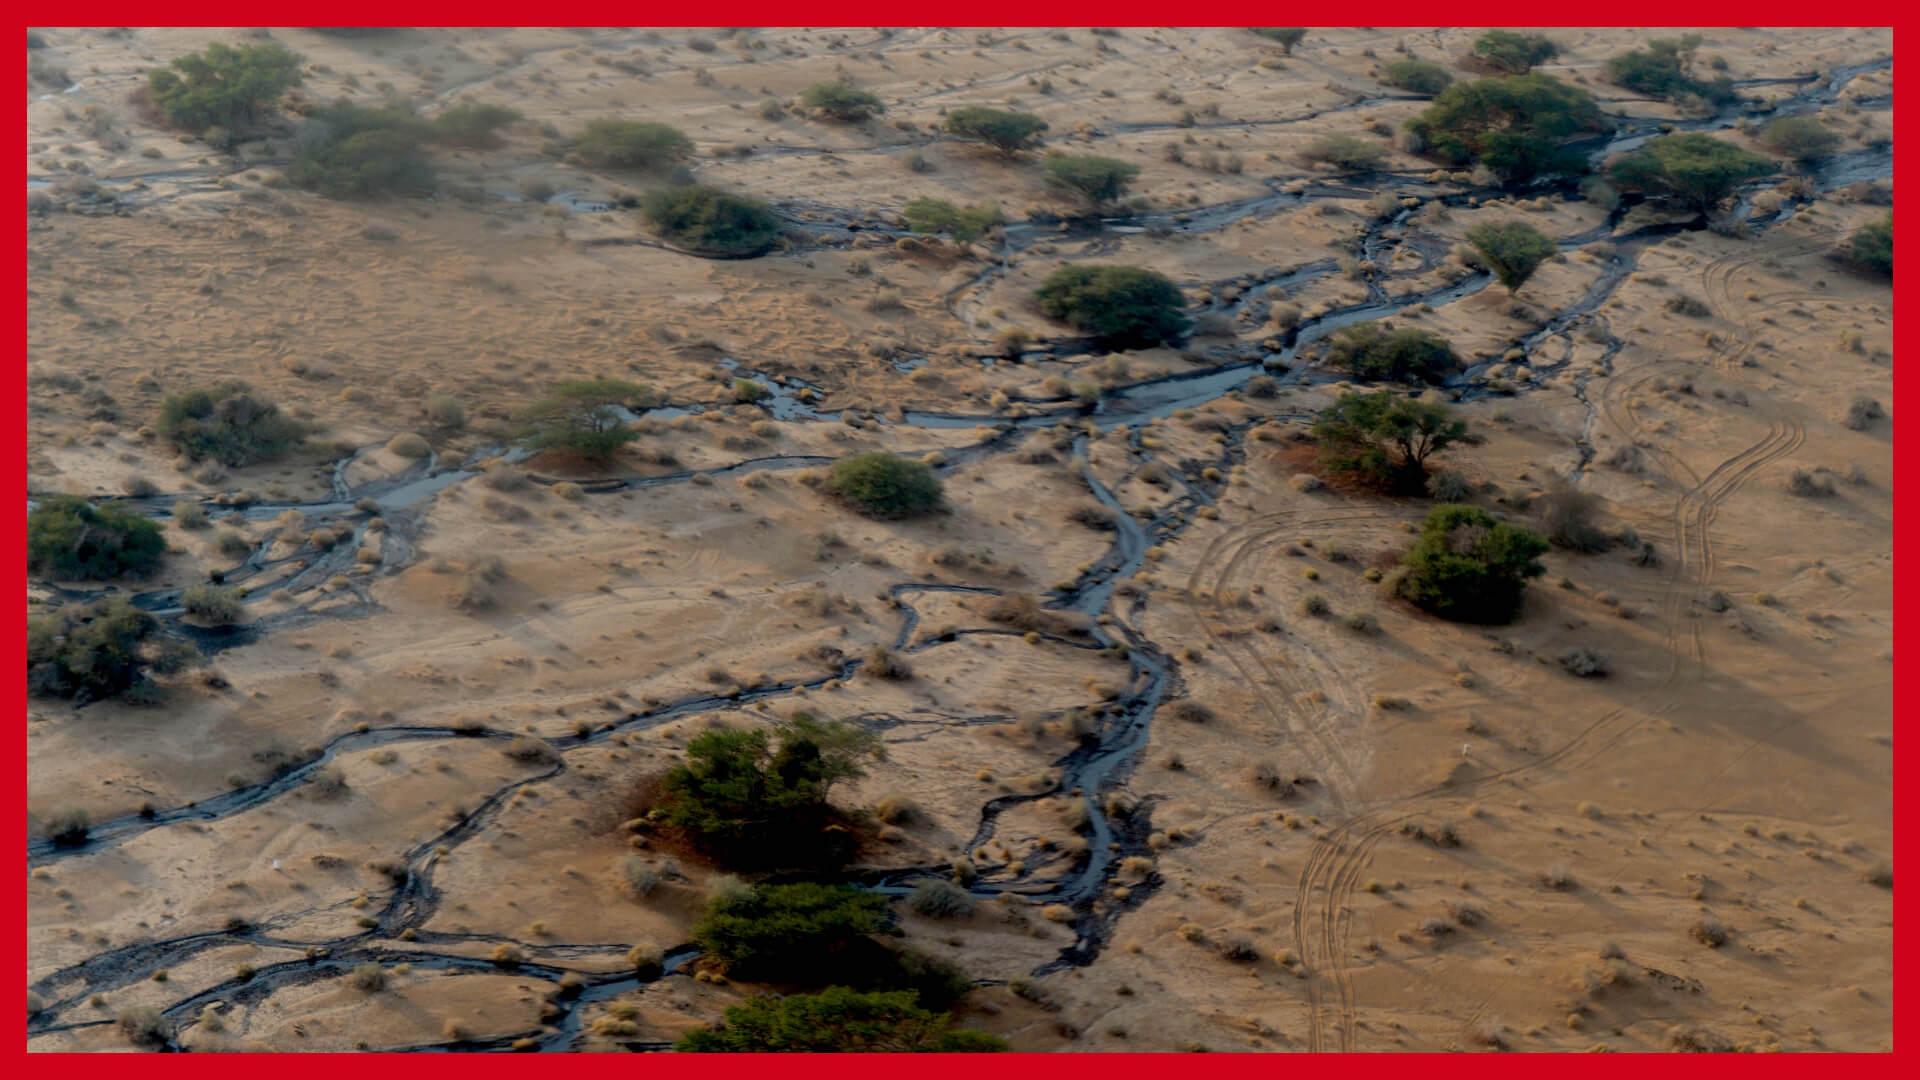 """האסון הסביבתי הכבד בשמורת עברונה ב-2014 כתוצאה מצינור נפט שהתפוצץ. צילום: עמוס בן גרשום - לע""""מ"""